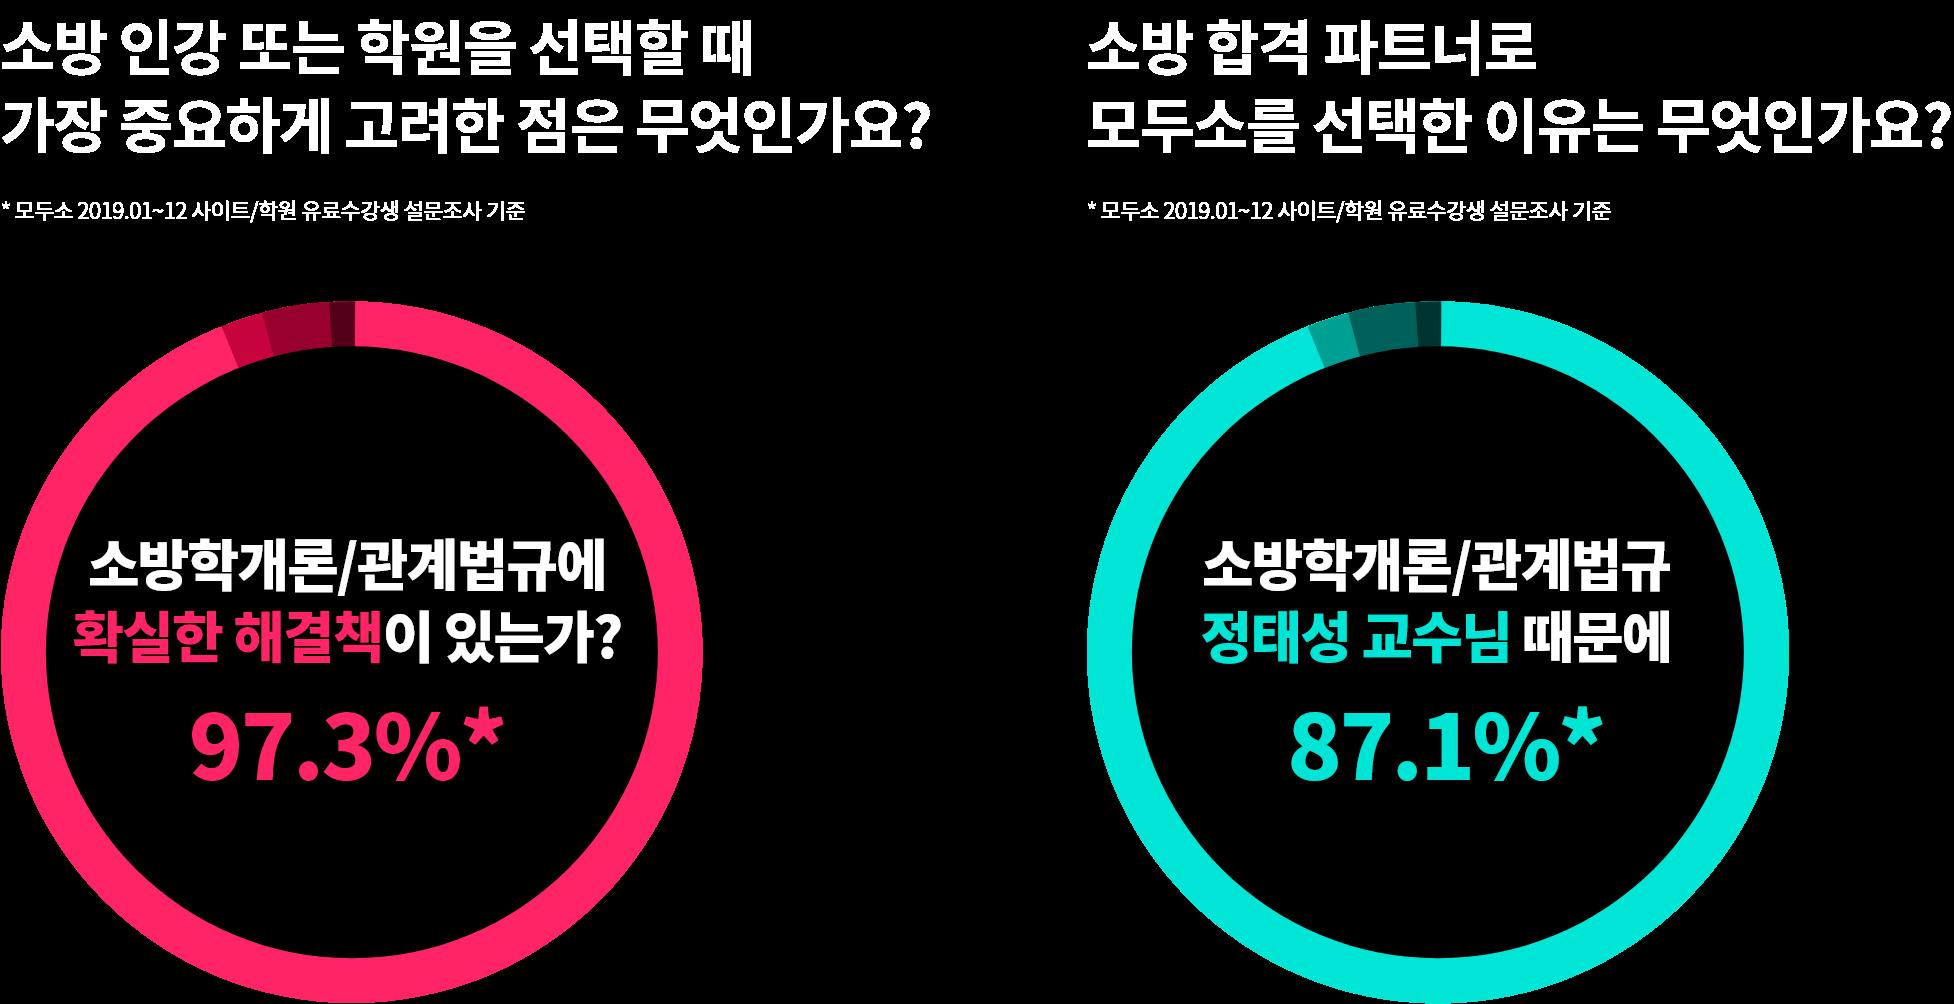 소방 합격 파트너로 모두소를 선택한 이유는 무엇인가요? 소방학개론/관계법규에 정태성 교수님 때문에 87.1%